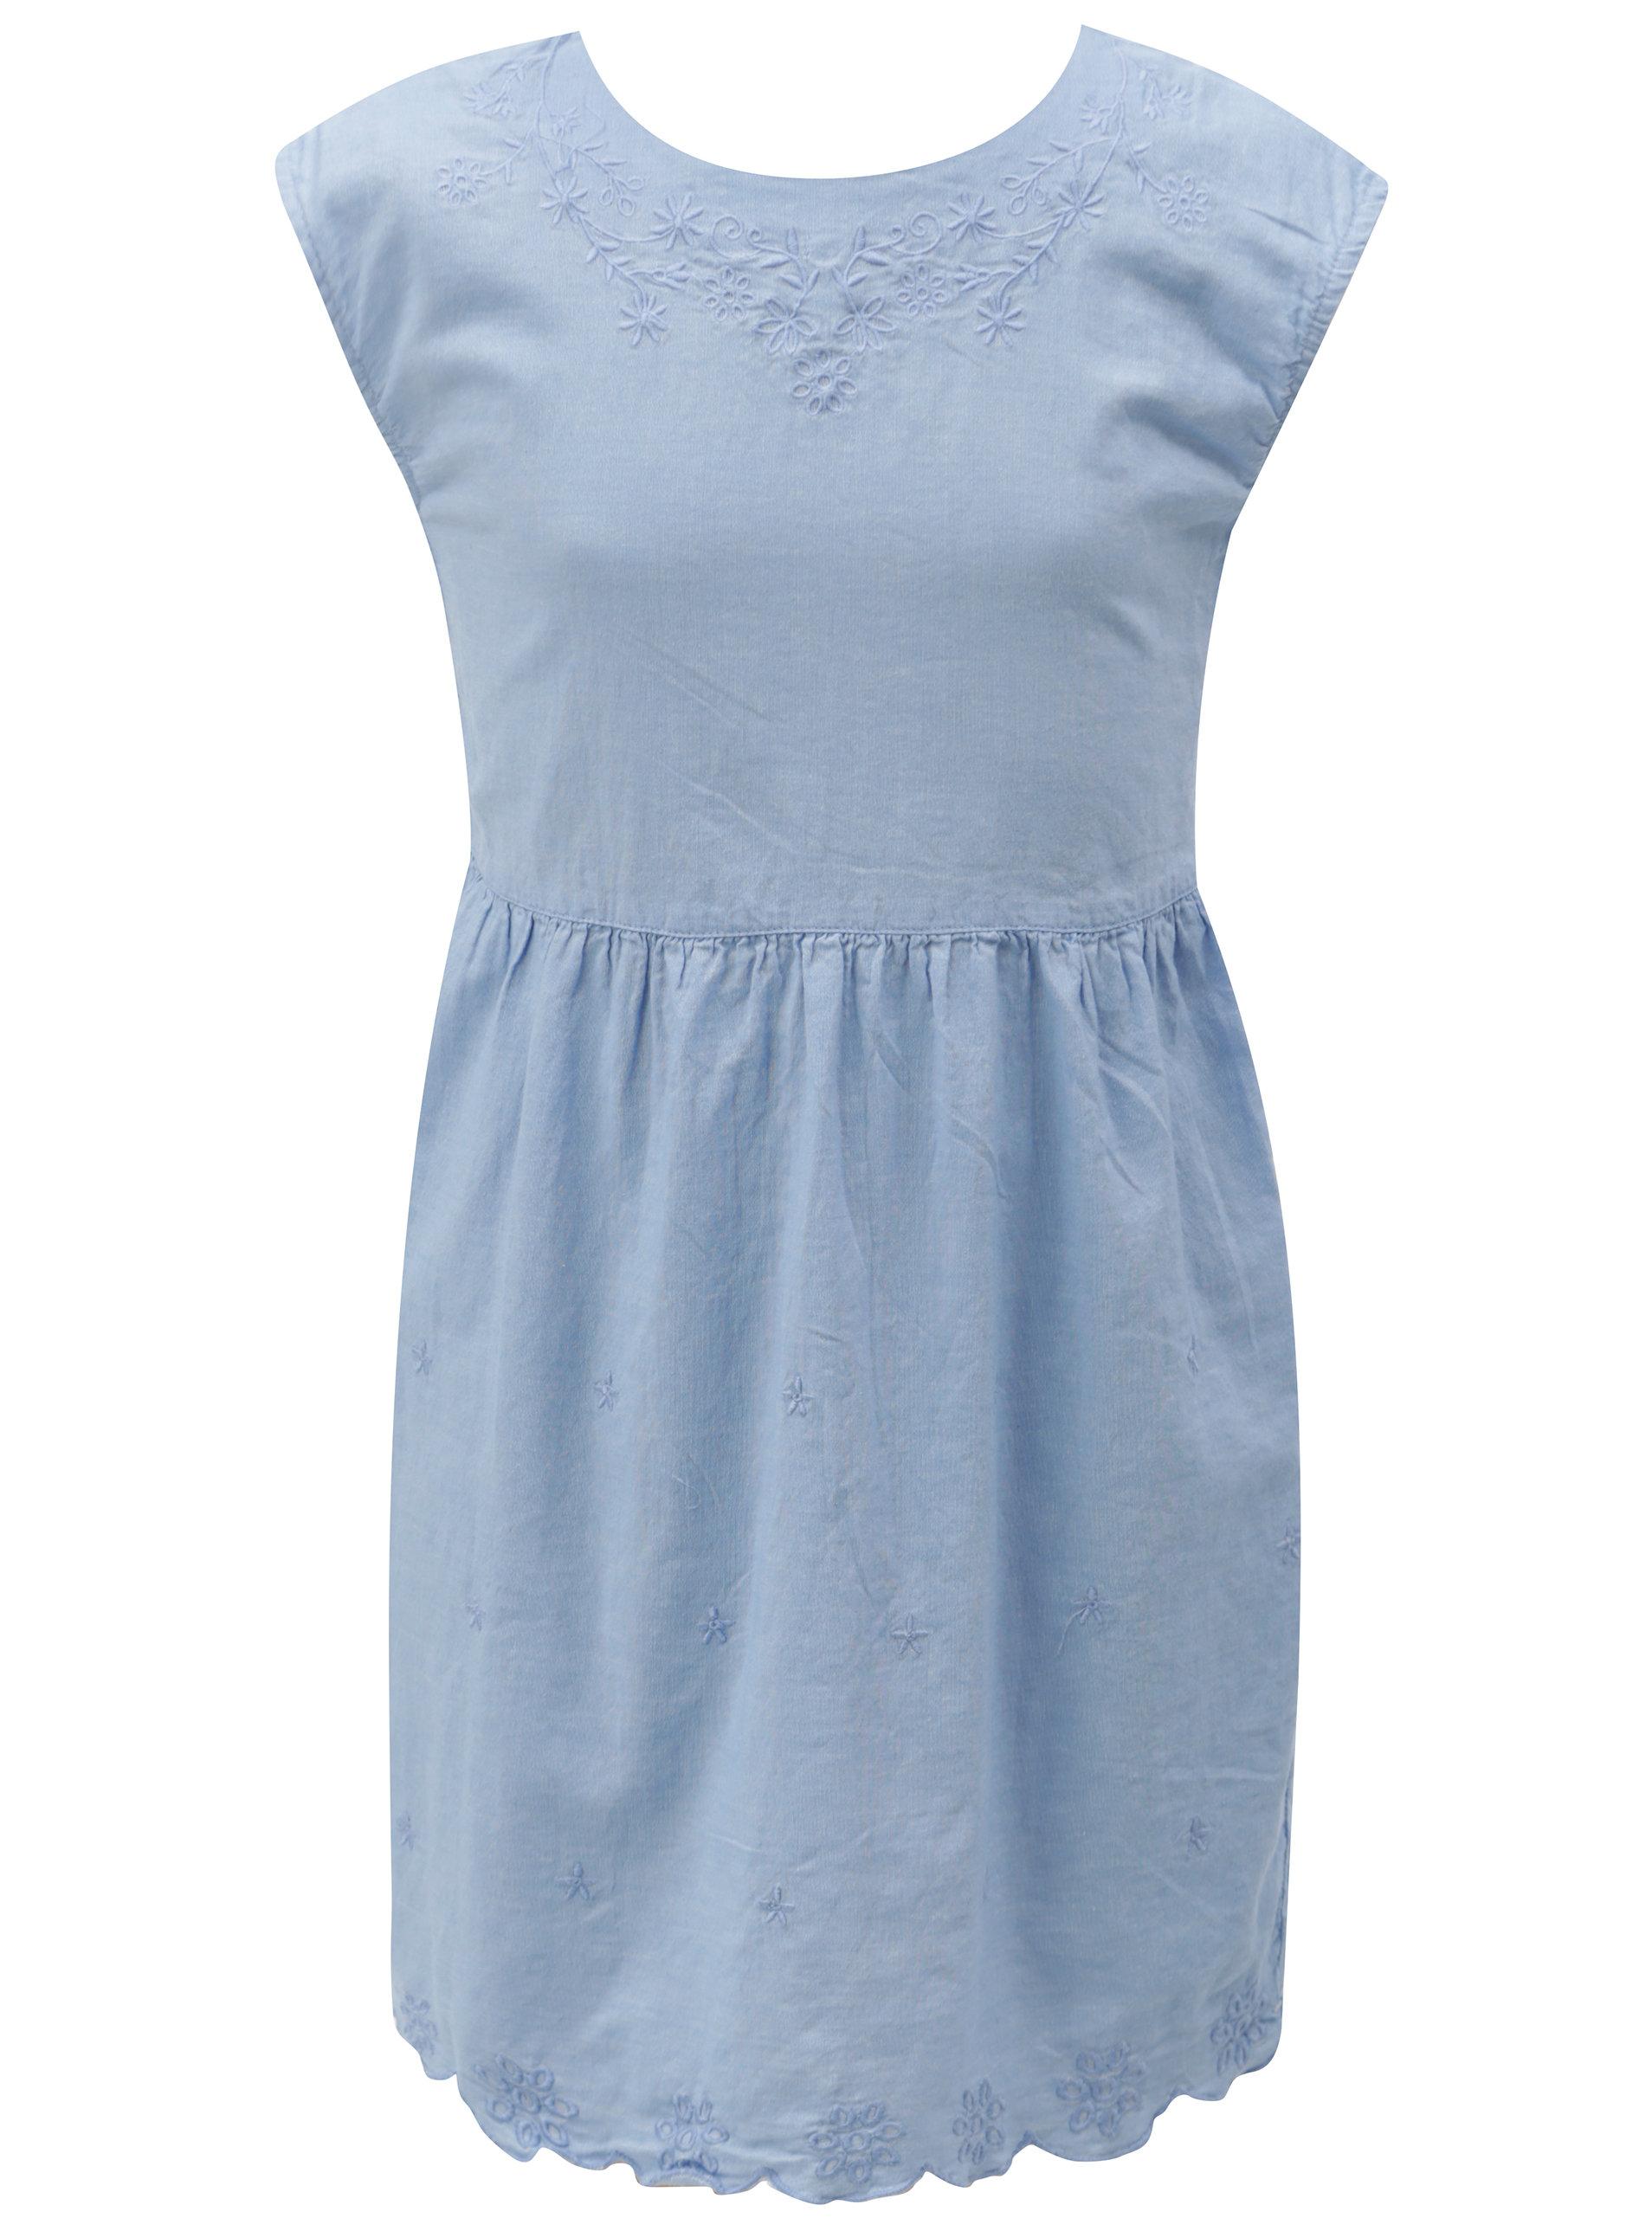 b5eb9d554cf Světle modré holčičí šaty s výšivkou a mašlí na zádech 5.10.15 ...